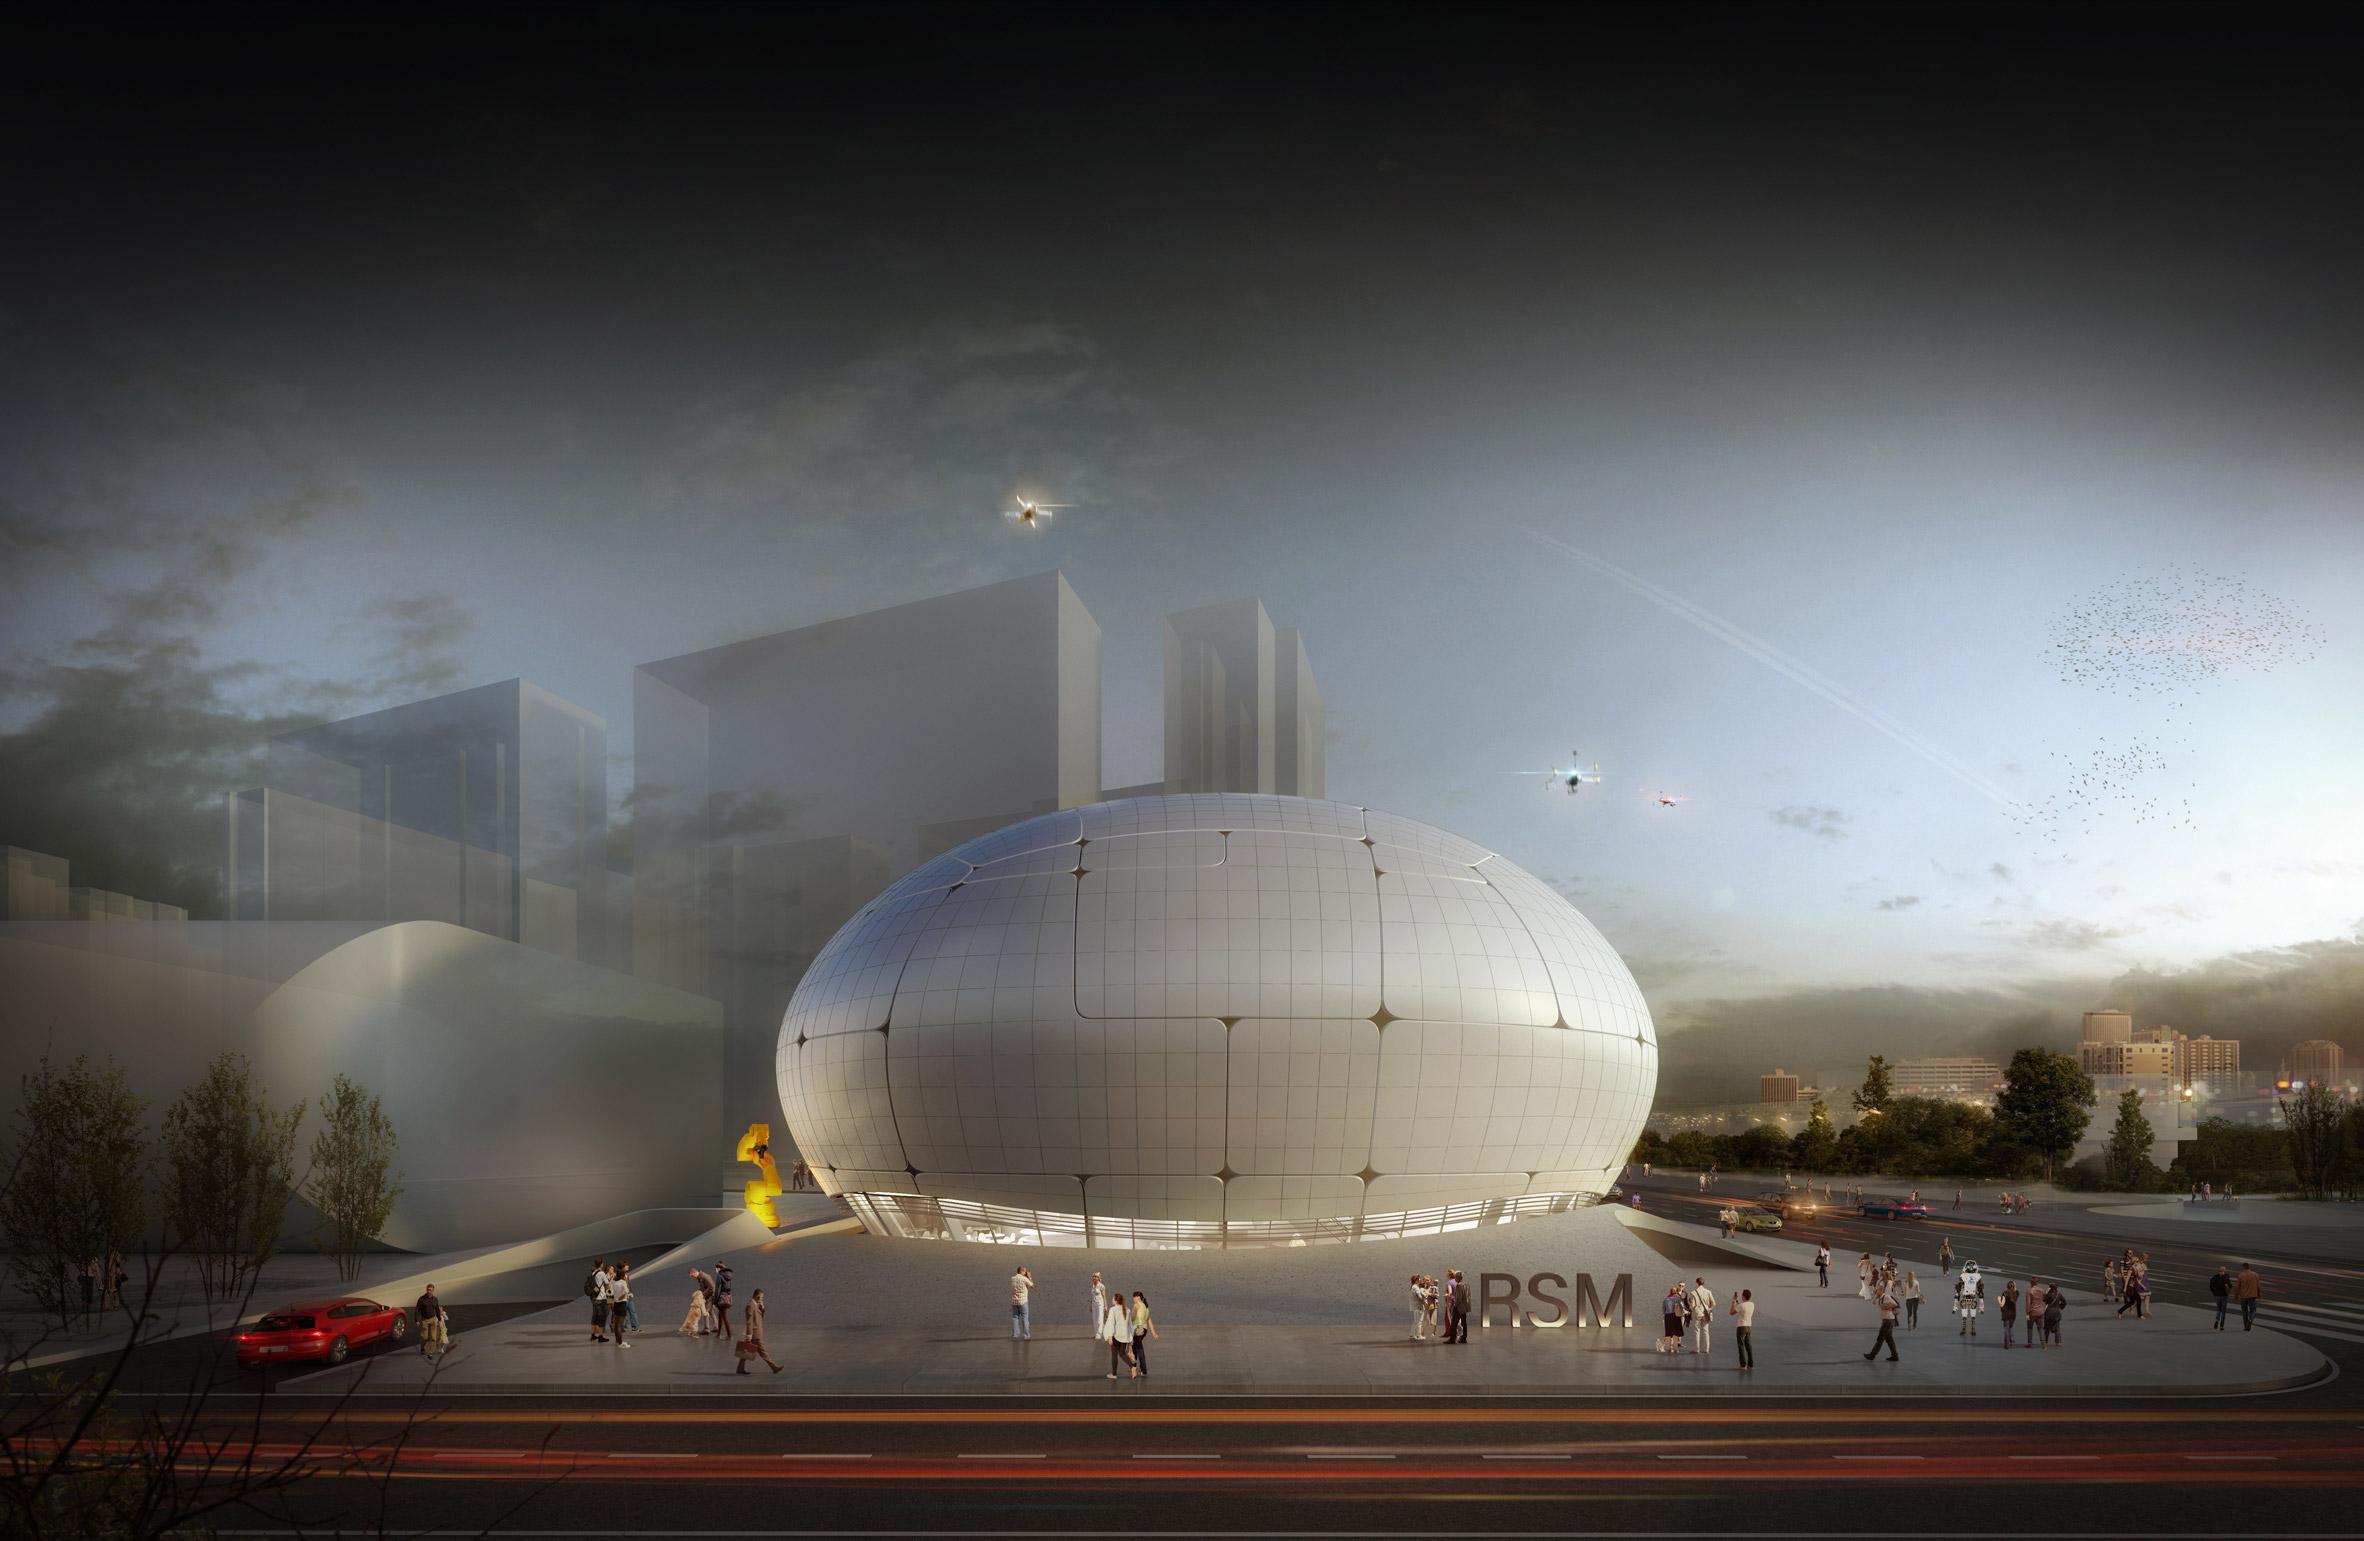 seoul-robot-science-museum-maa_dezeen_2364_col_1.jpg